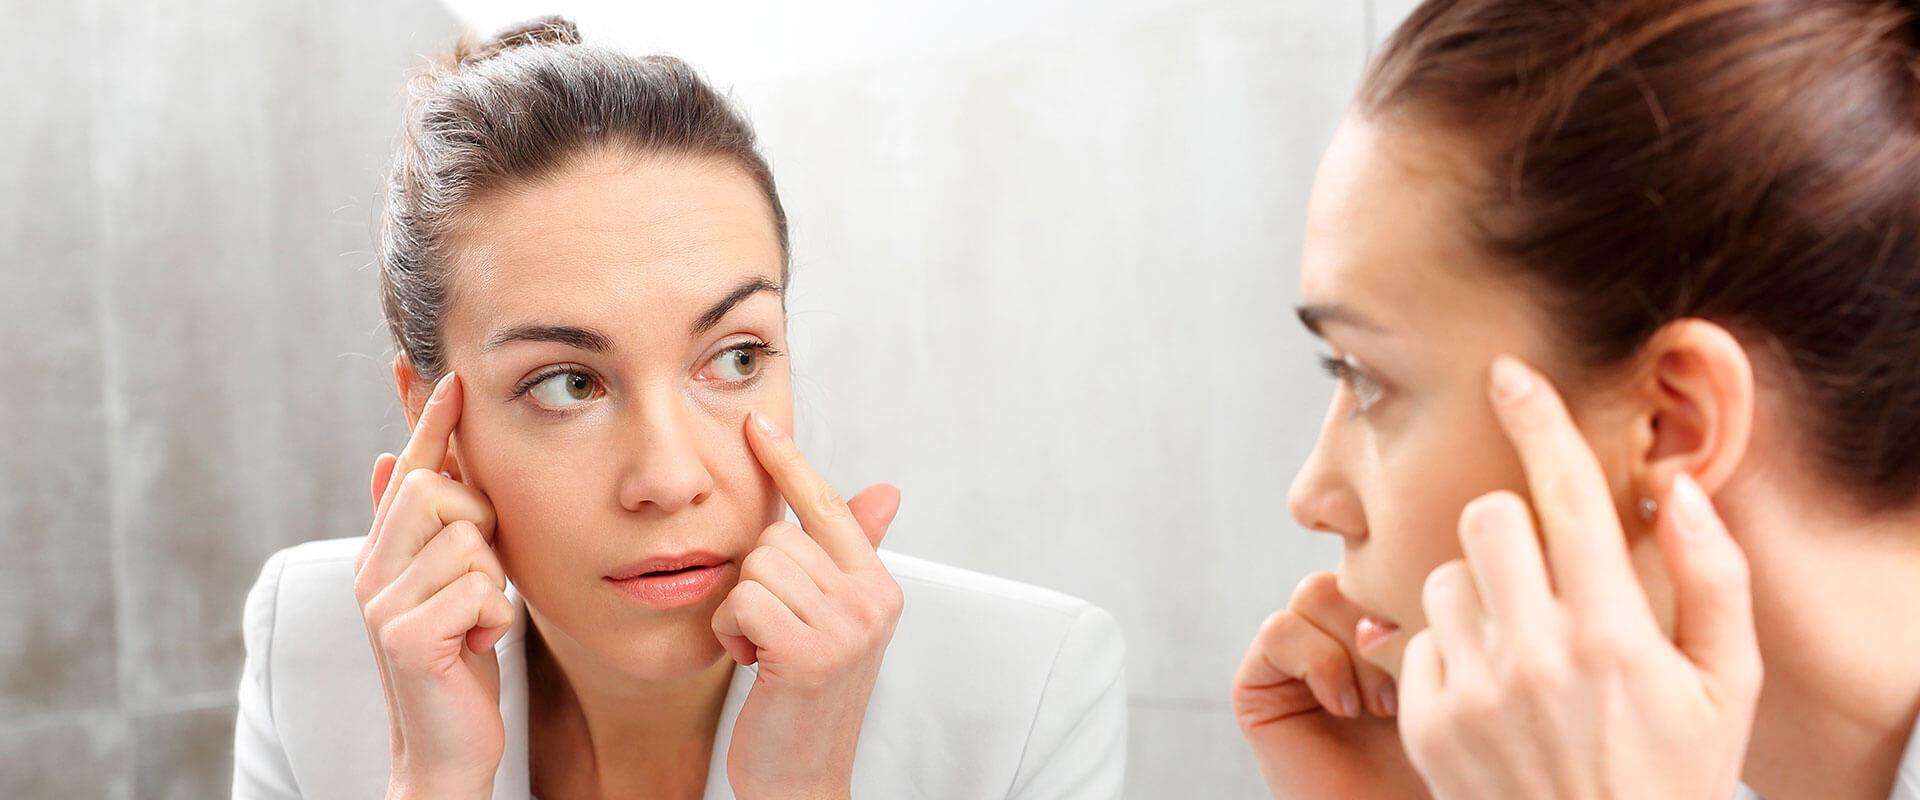 Mujer viéndose frente al espejo y tocándose las bolsas debajo de los ojos.